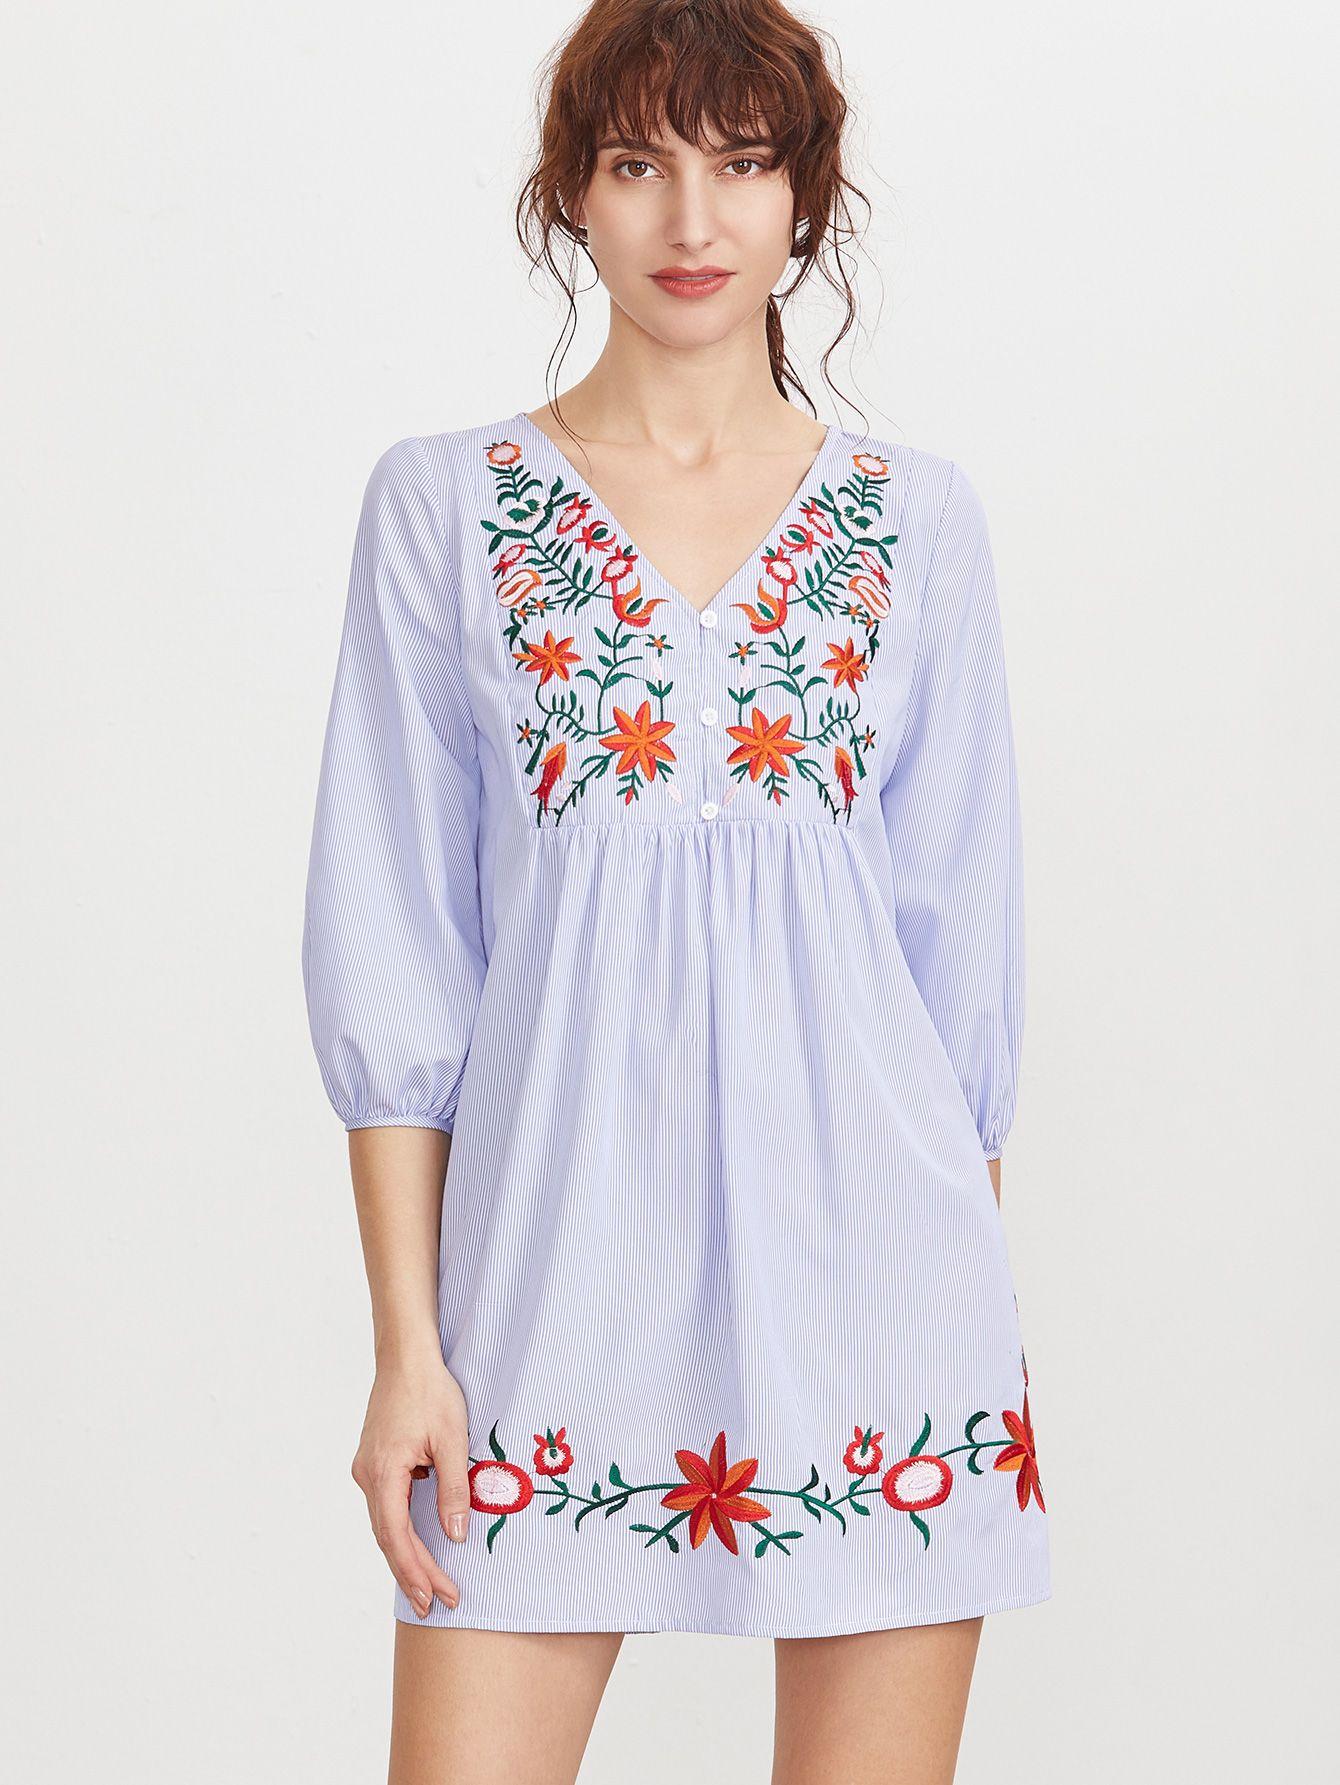 847ac4fb8 dress161227714 2 Vestidos Tradicionales